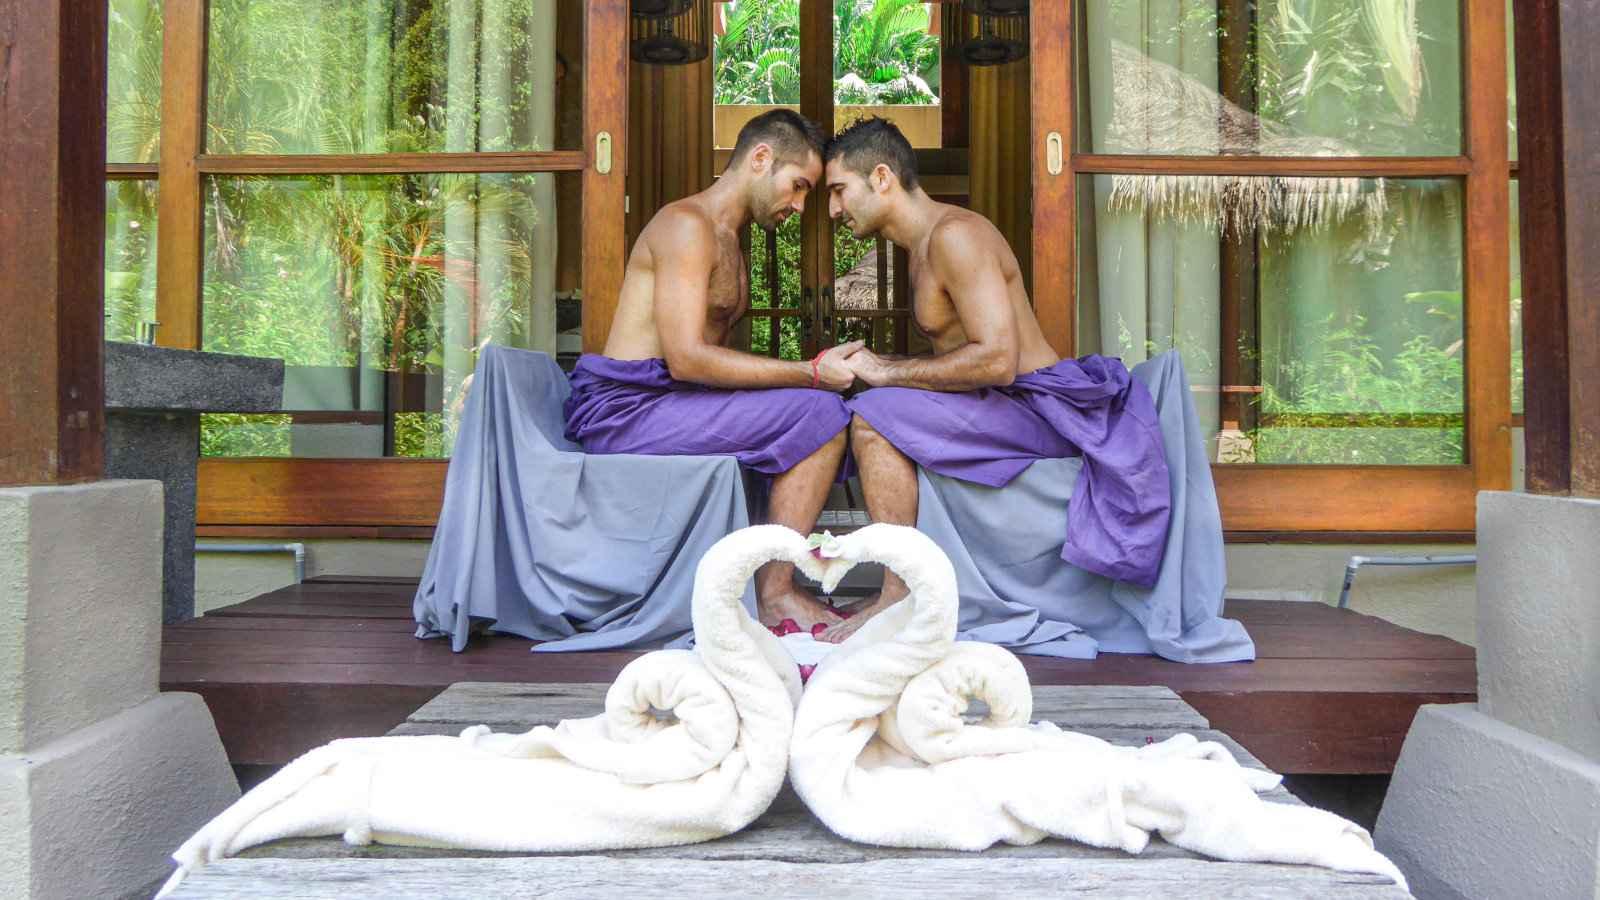 O Four Seasons em Langkawi é um dos hotéis mais gay friendly da ilha, além de ser incrivelmente opulento e relaxante